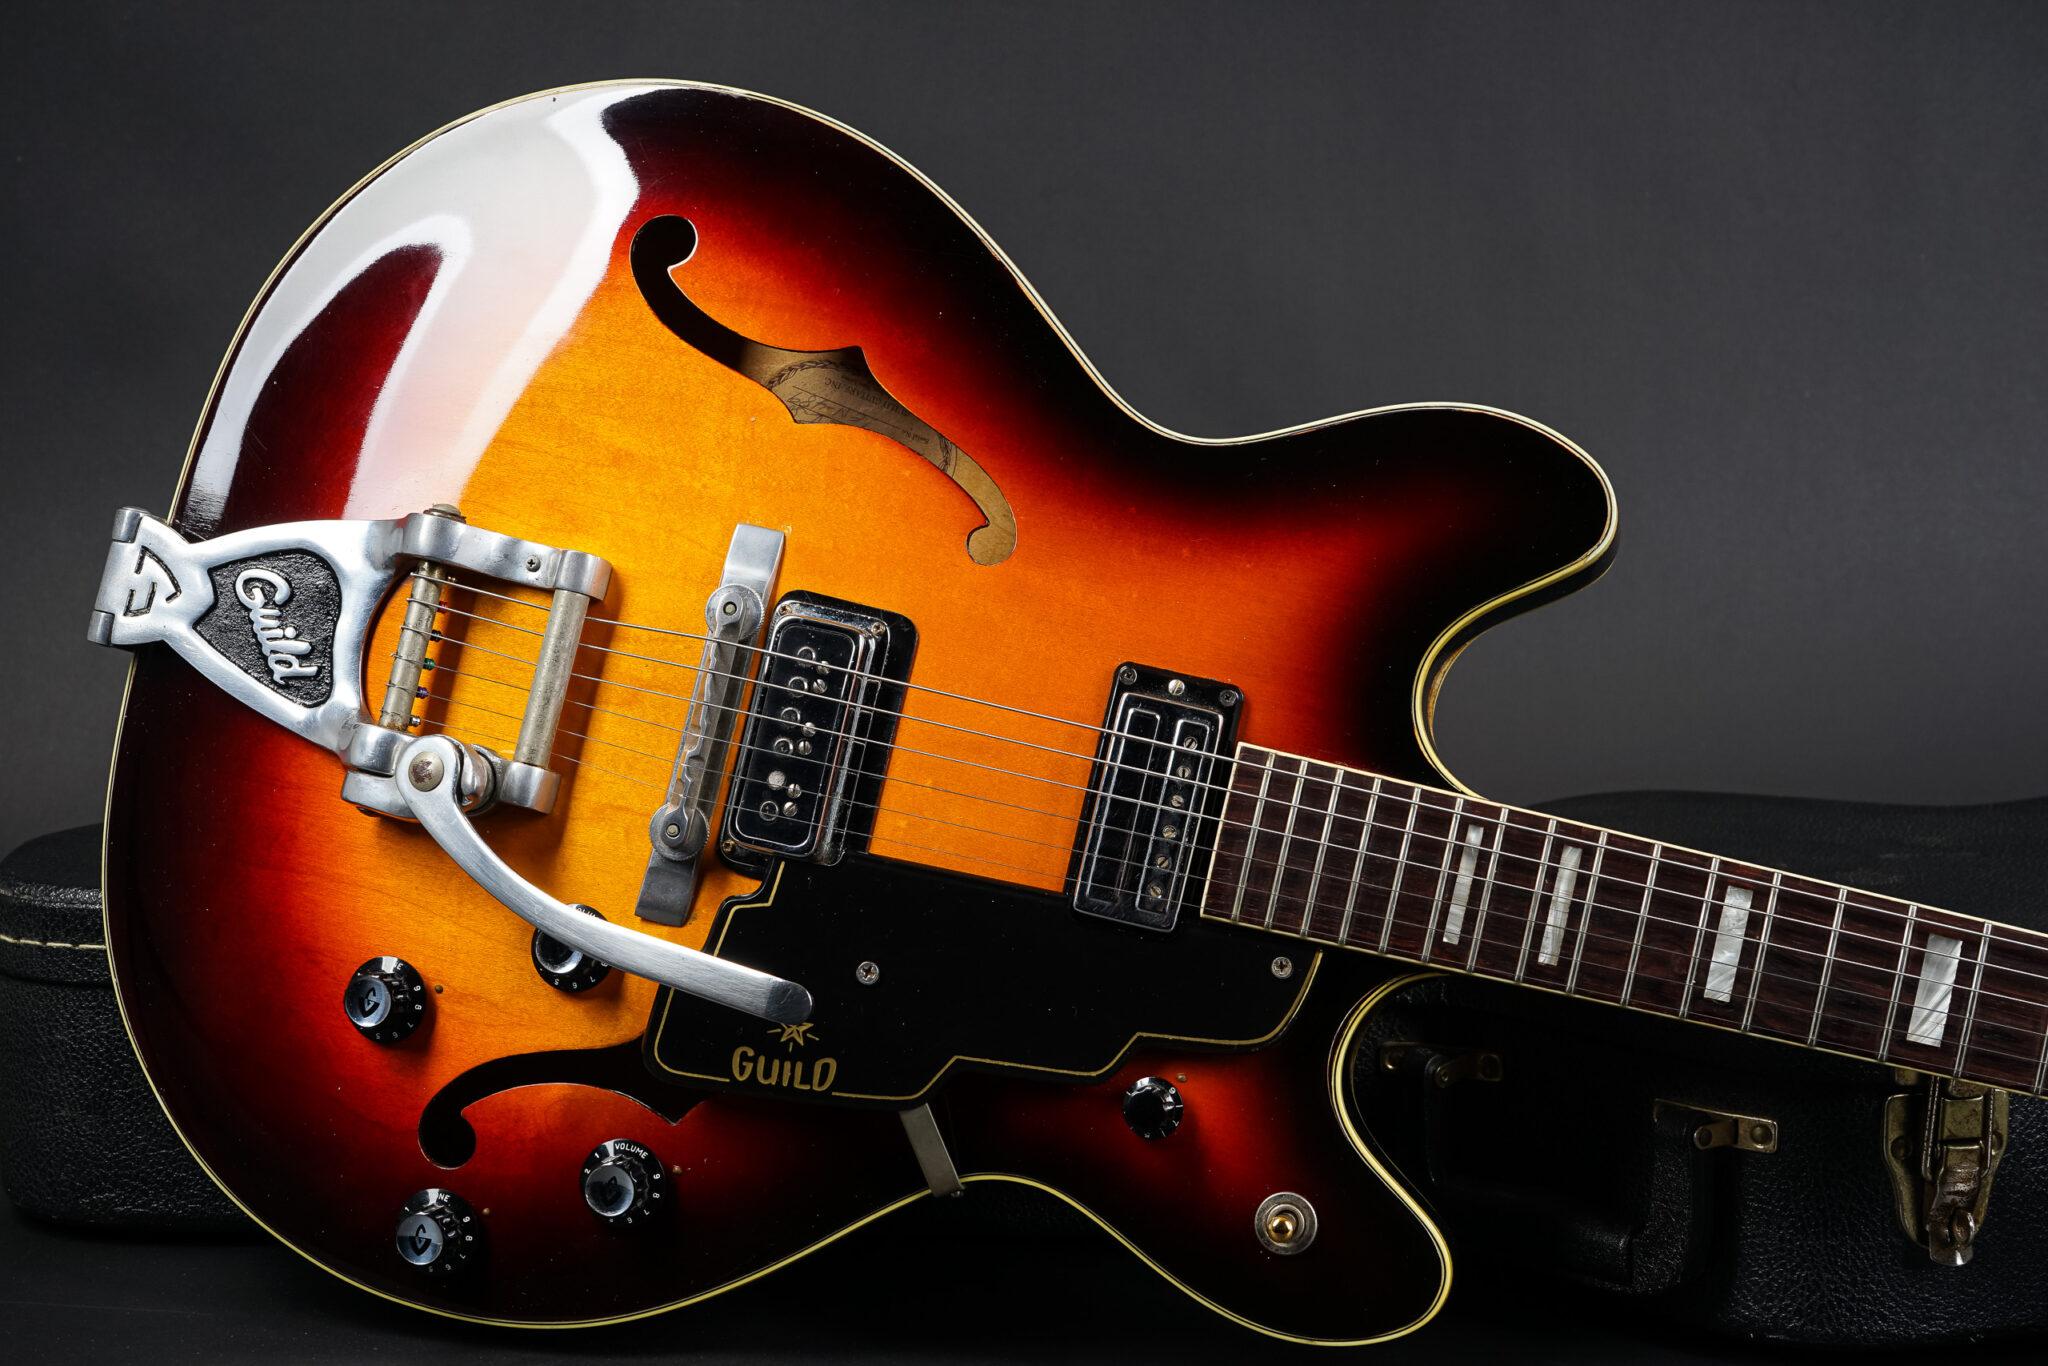 https://guitarpoint.de/app/uploads/products/1964-guild-starfire-v-sunburst/1964-guild-starfire-V-EN489-8-2048x1366.jpg